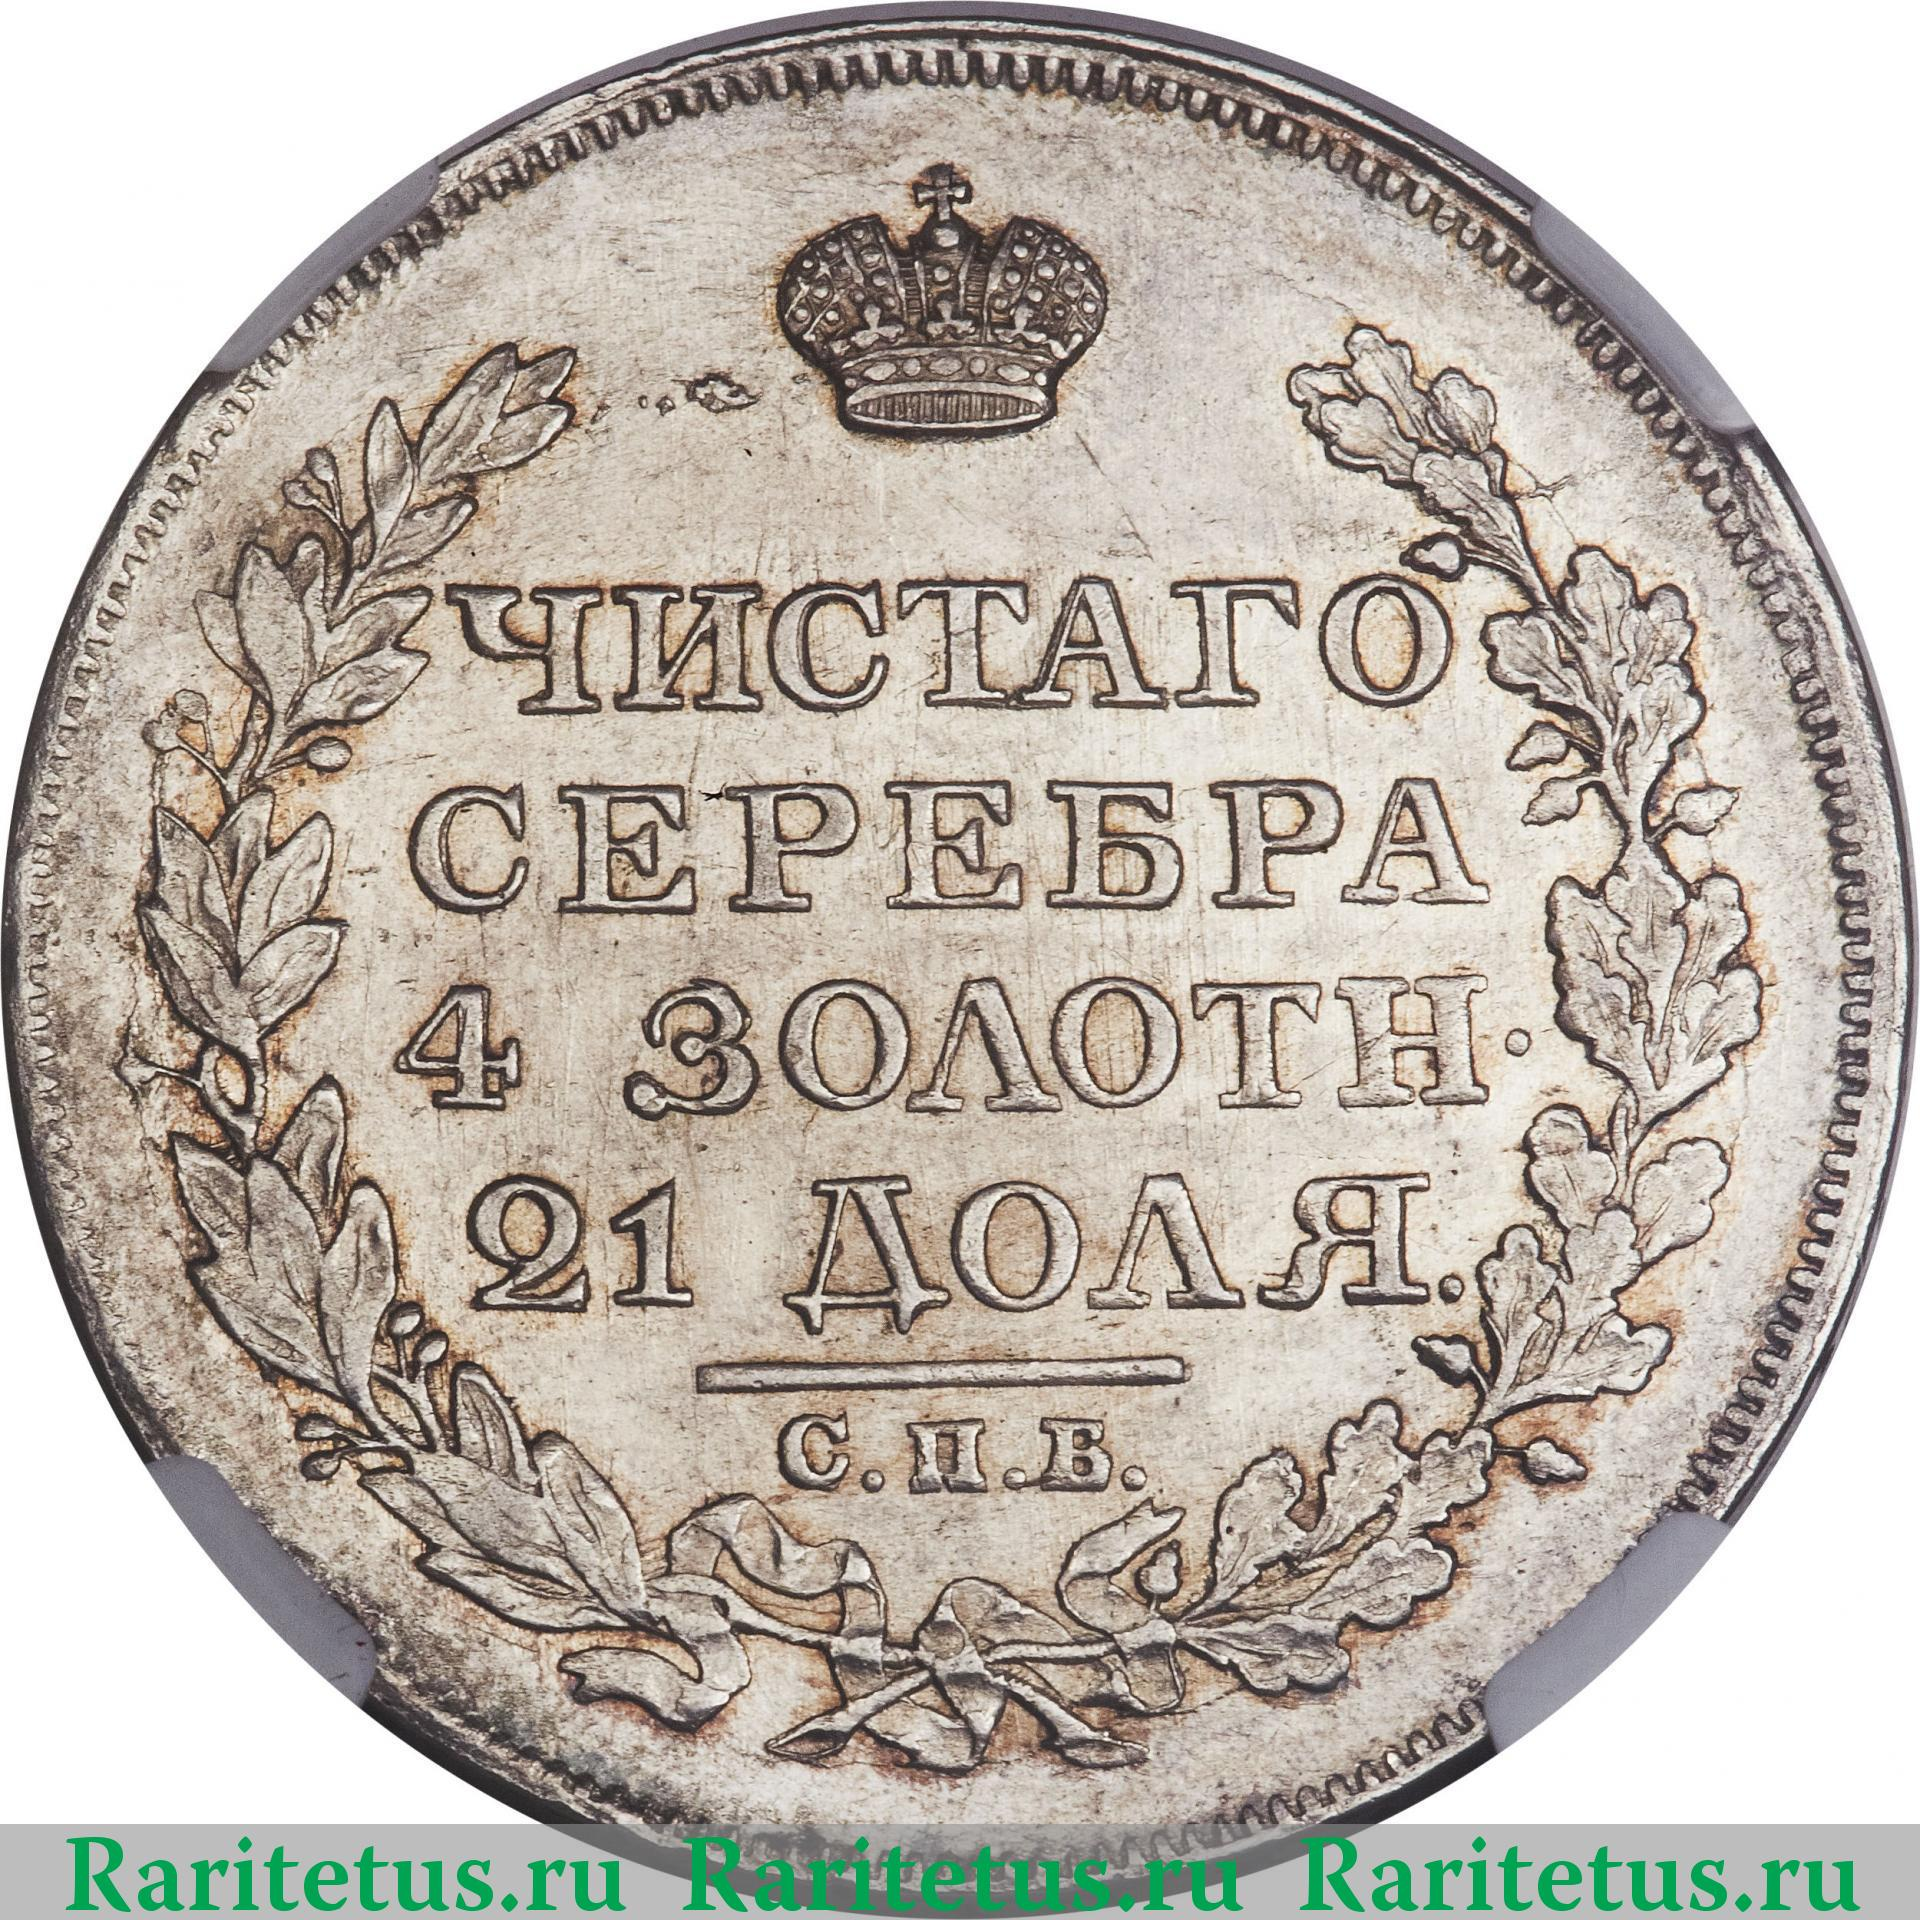 Монета рубль 1818 серебро словарь нумизмата гладкий